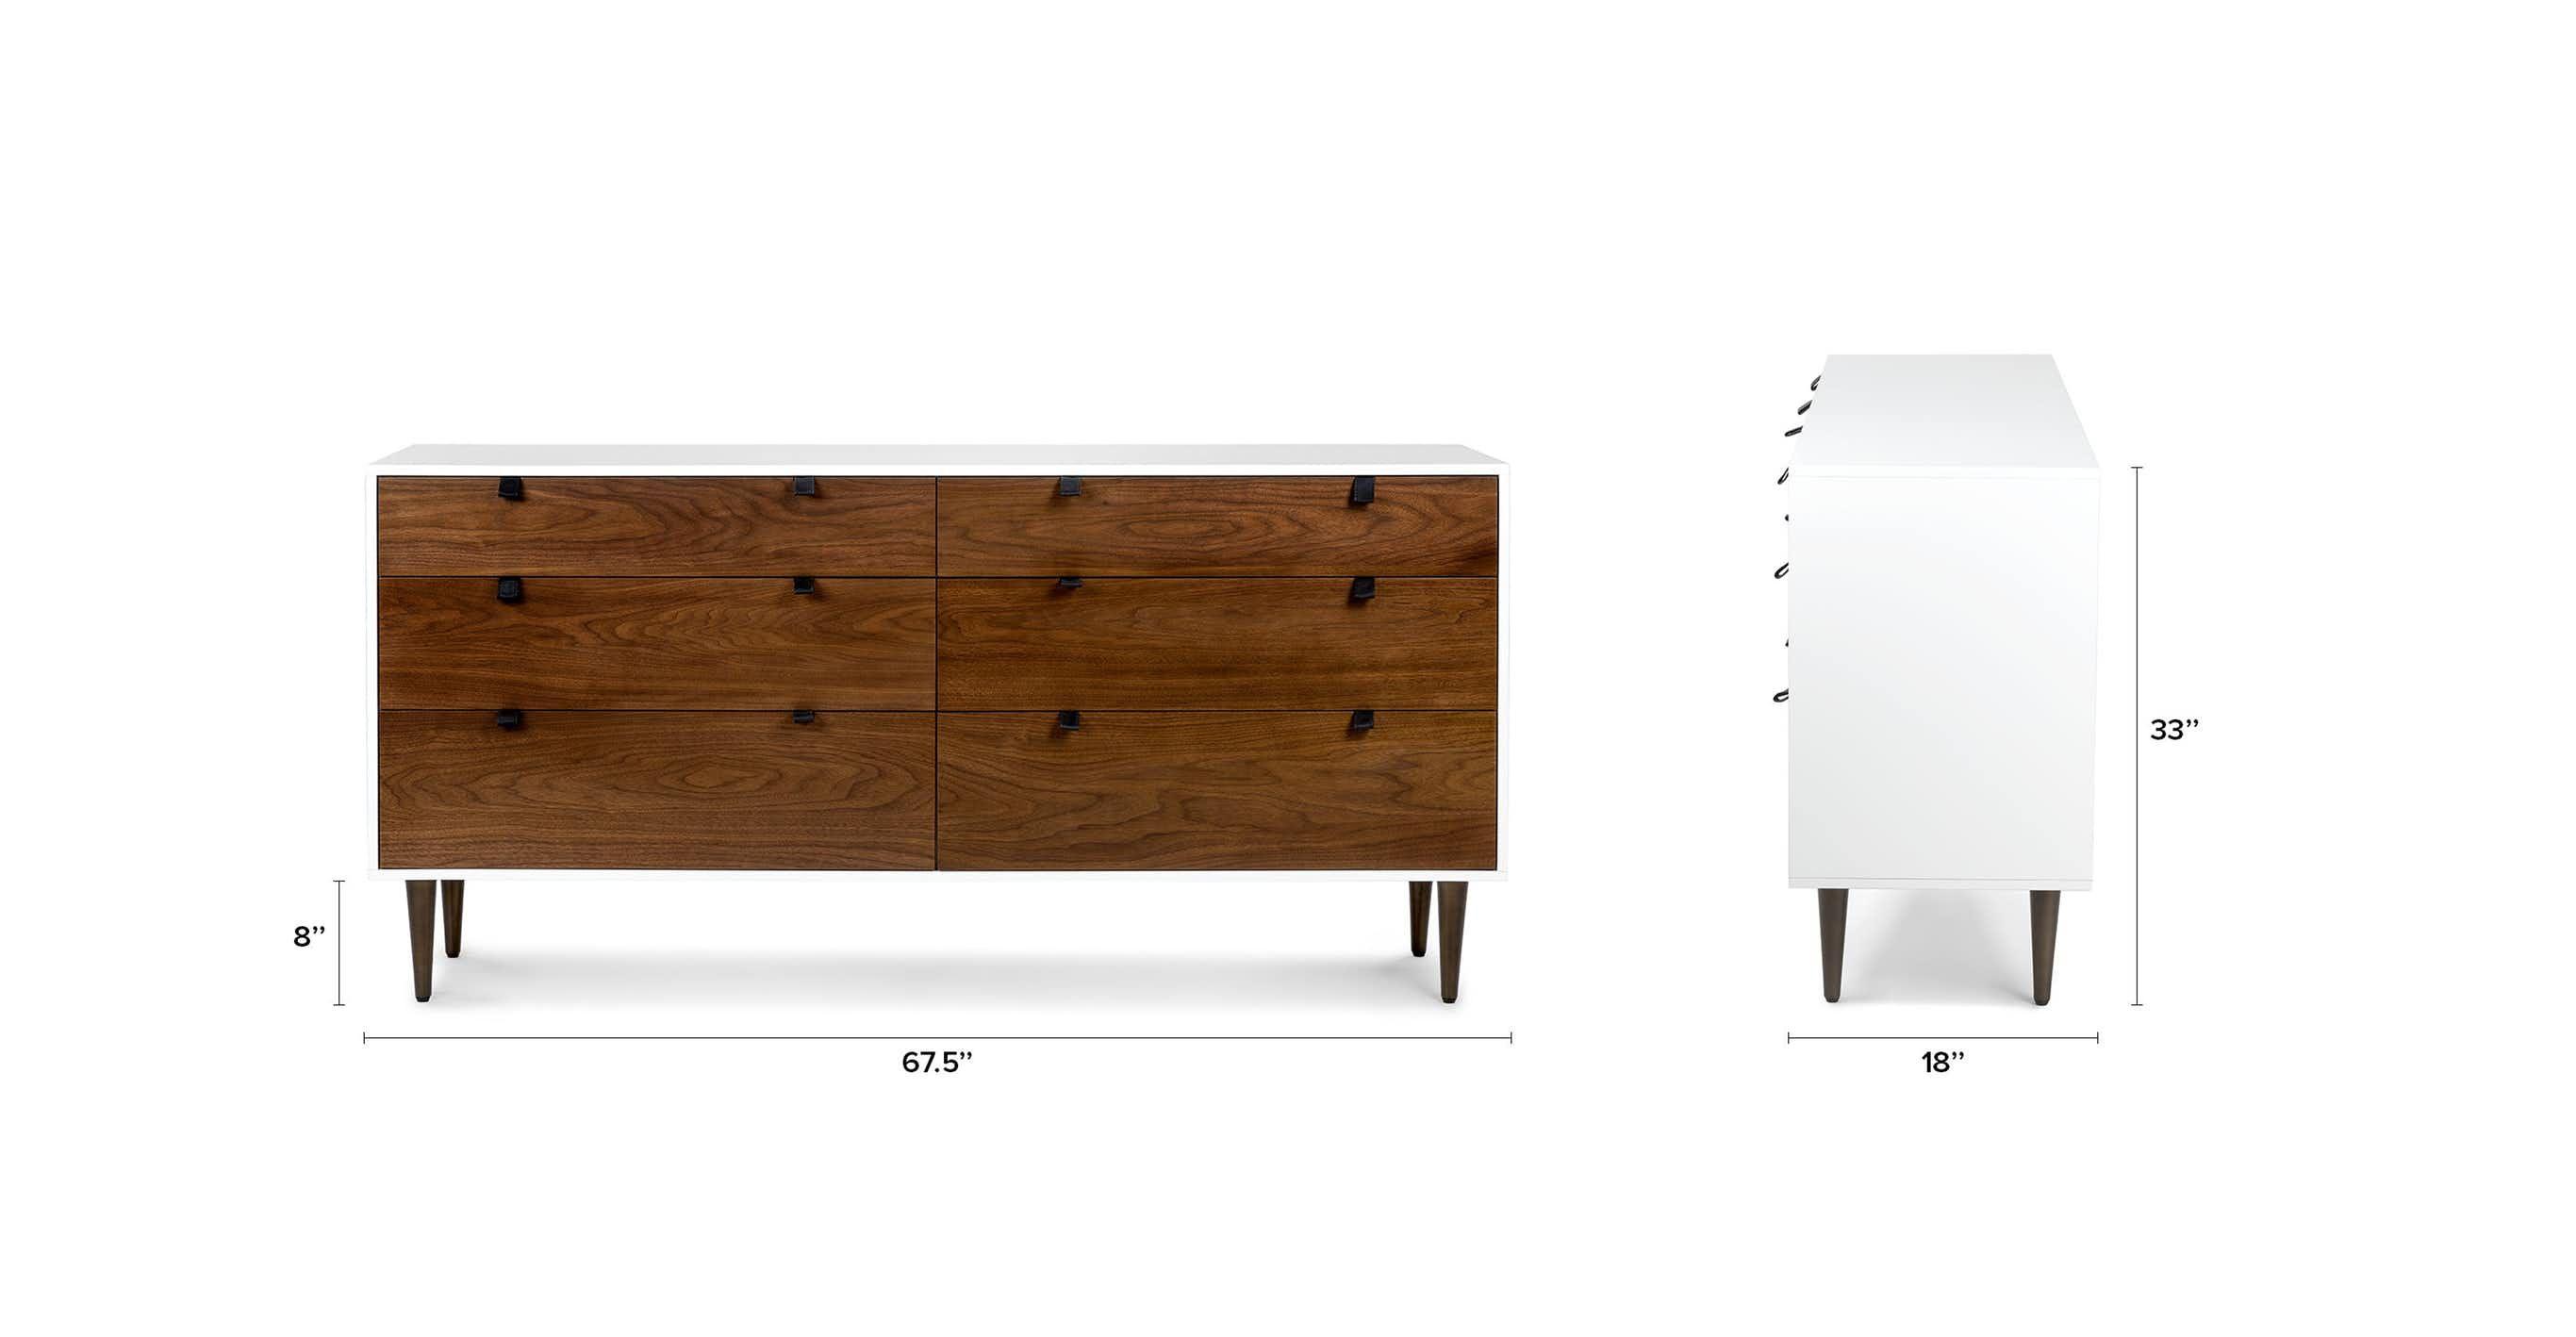 Envelo White Walnut 6 Drawer Double Dresser Modern Dresser Decor Double Dresser Dresser Decor [ 1418 x 2732 Pixel ]